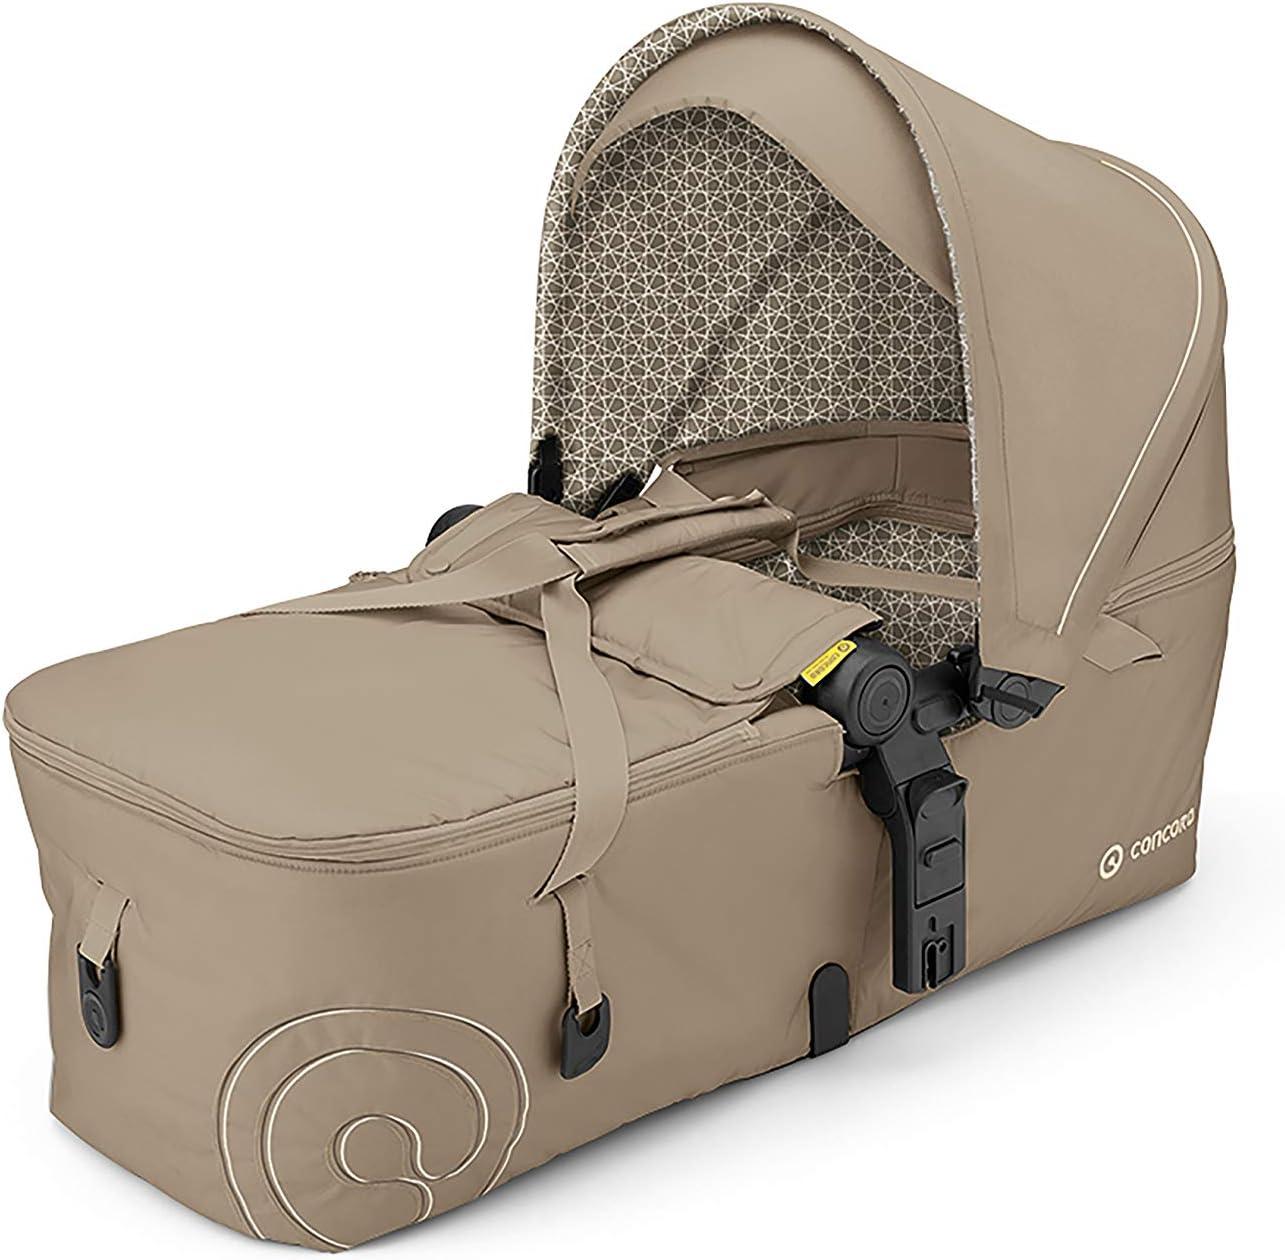 Concord - Capazo plegable scout para silla de paseo beige